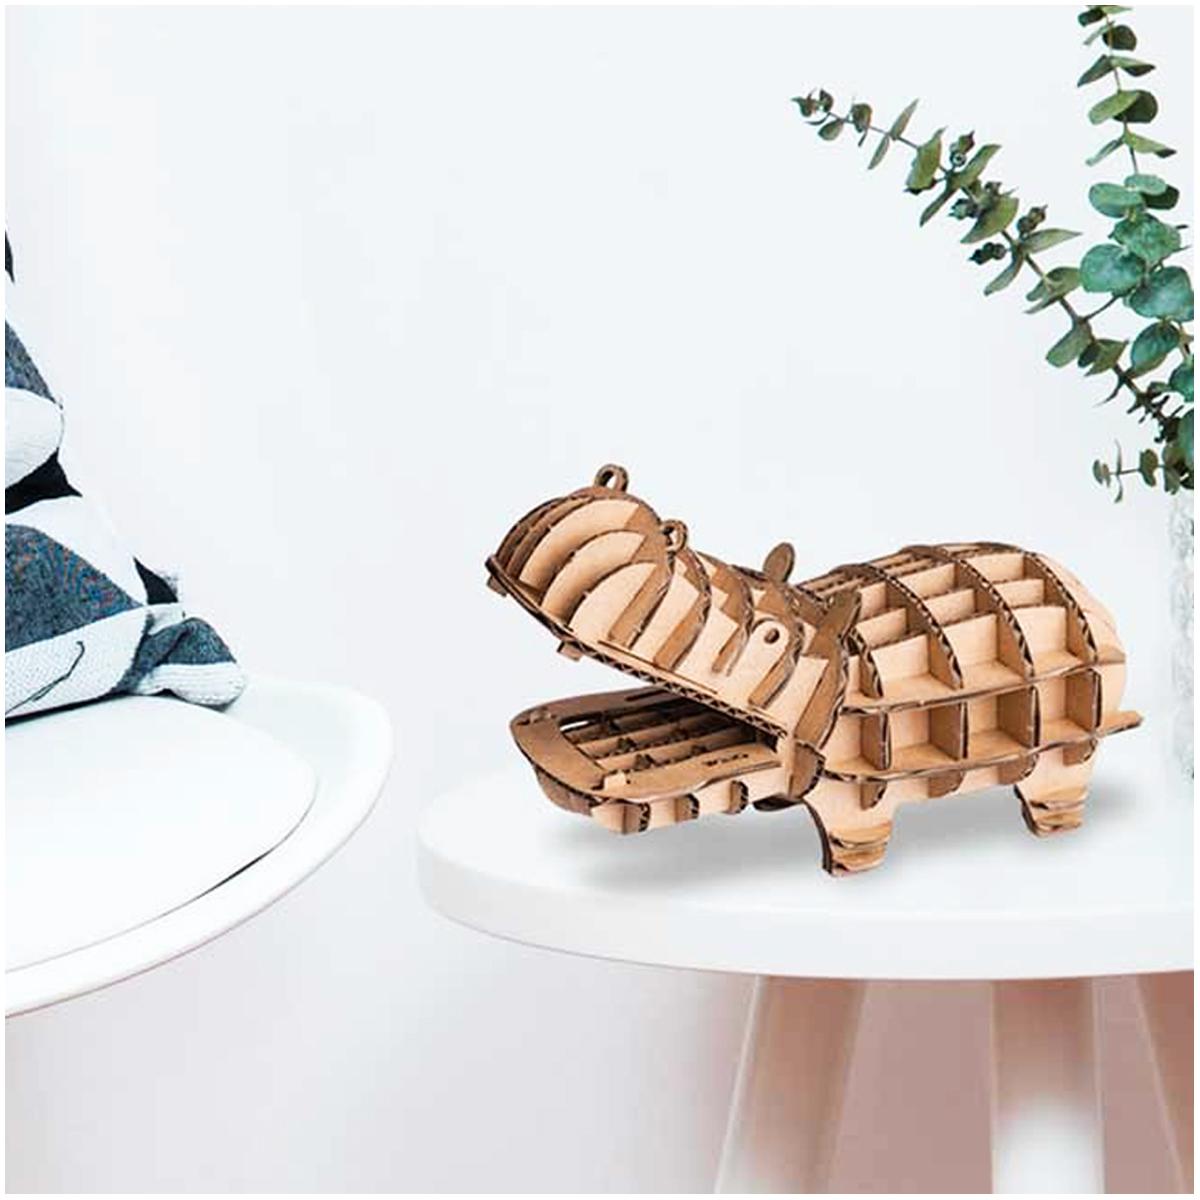 Figurine carton 3D \'Hippopotame\' - planches 165x175 cm - [Q9225]